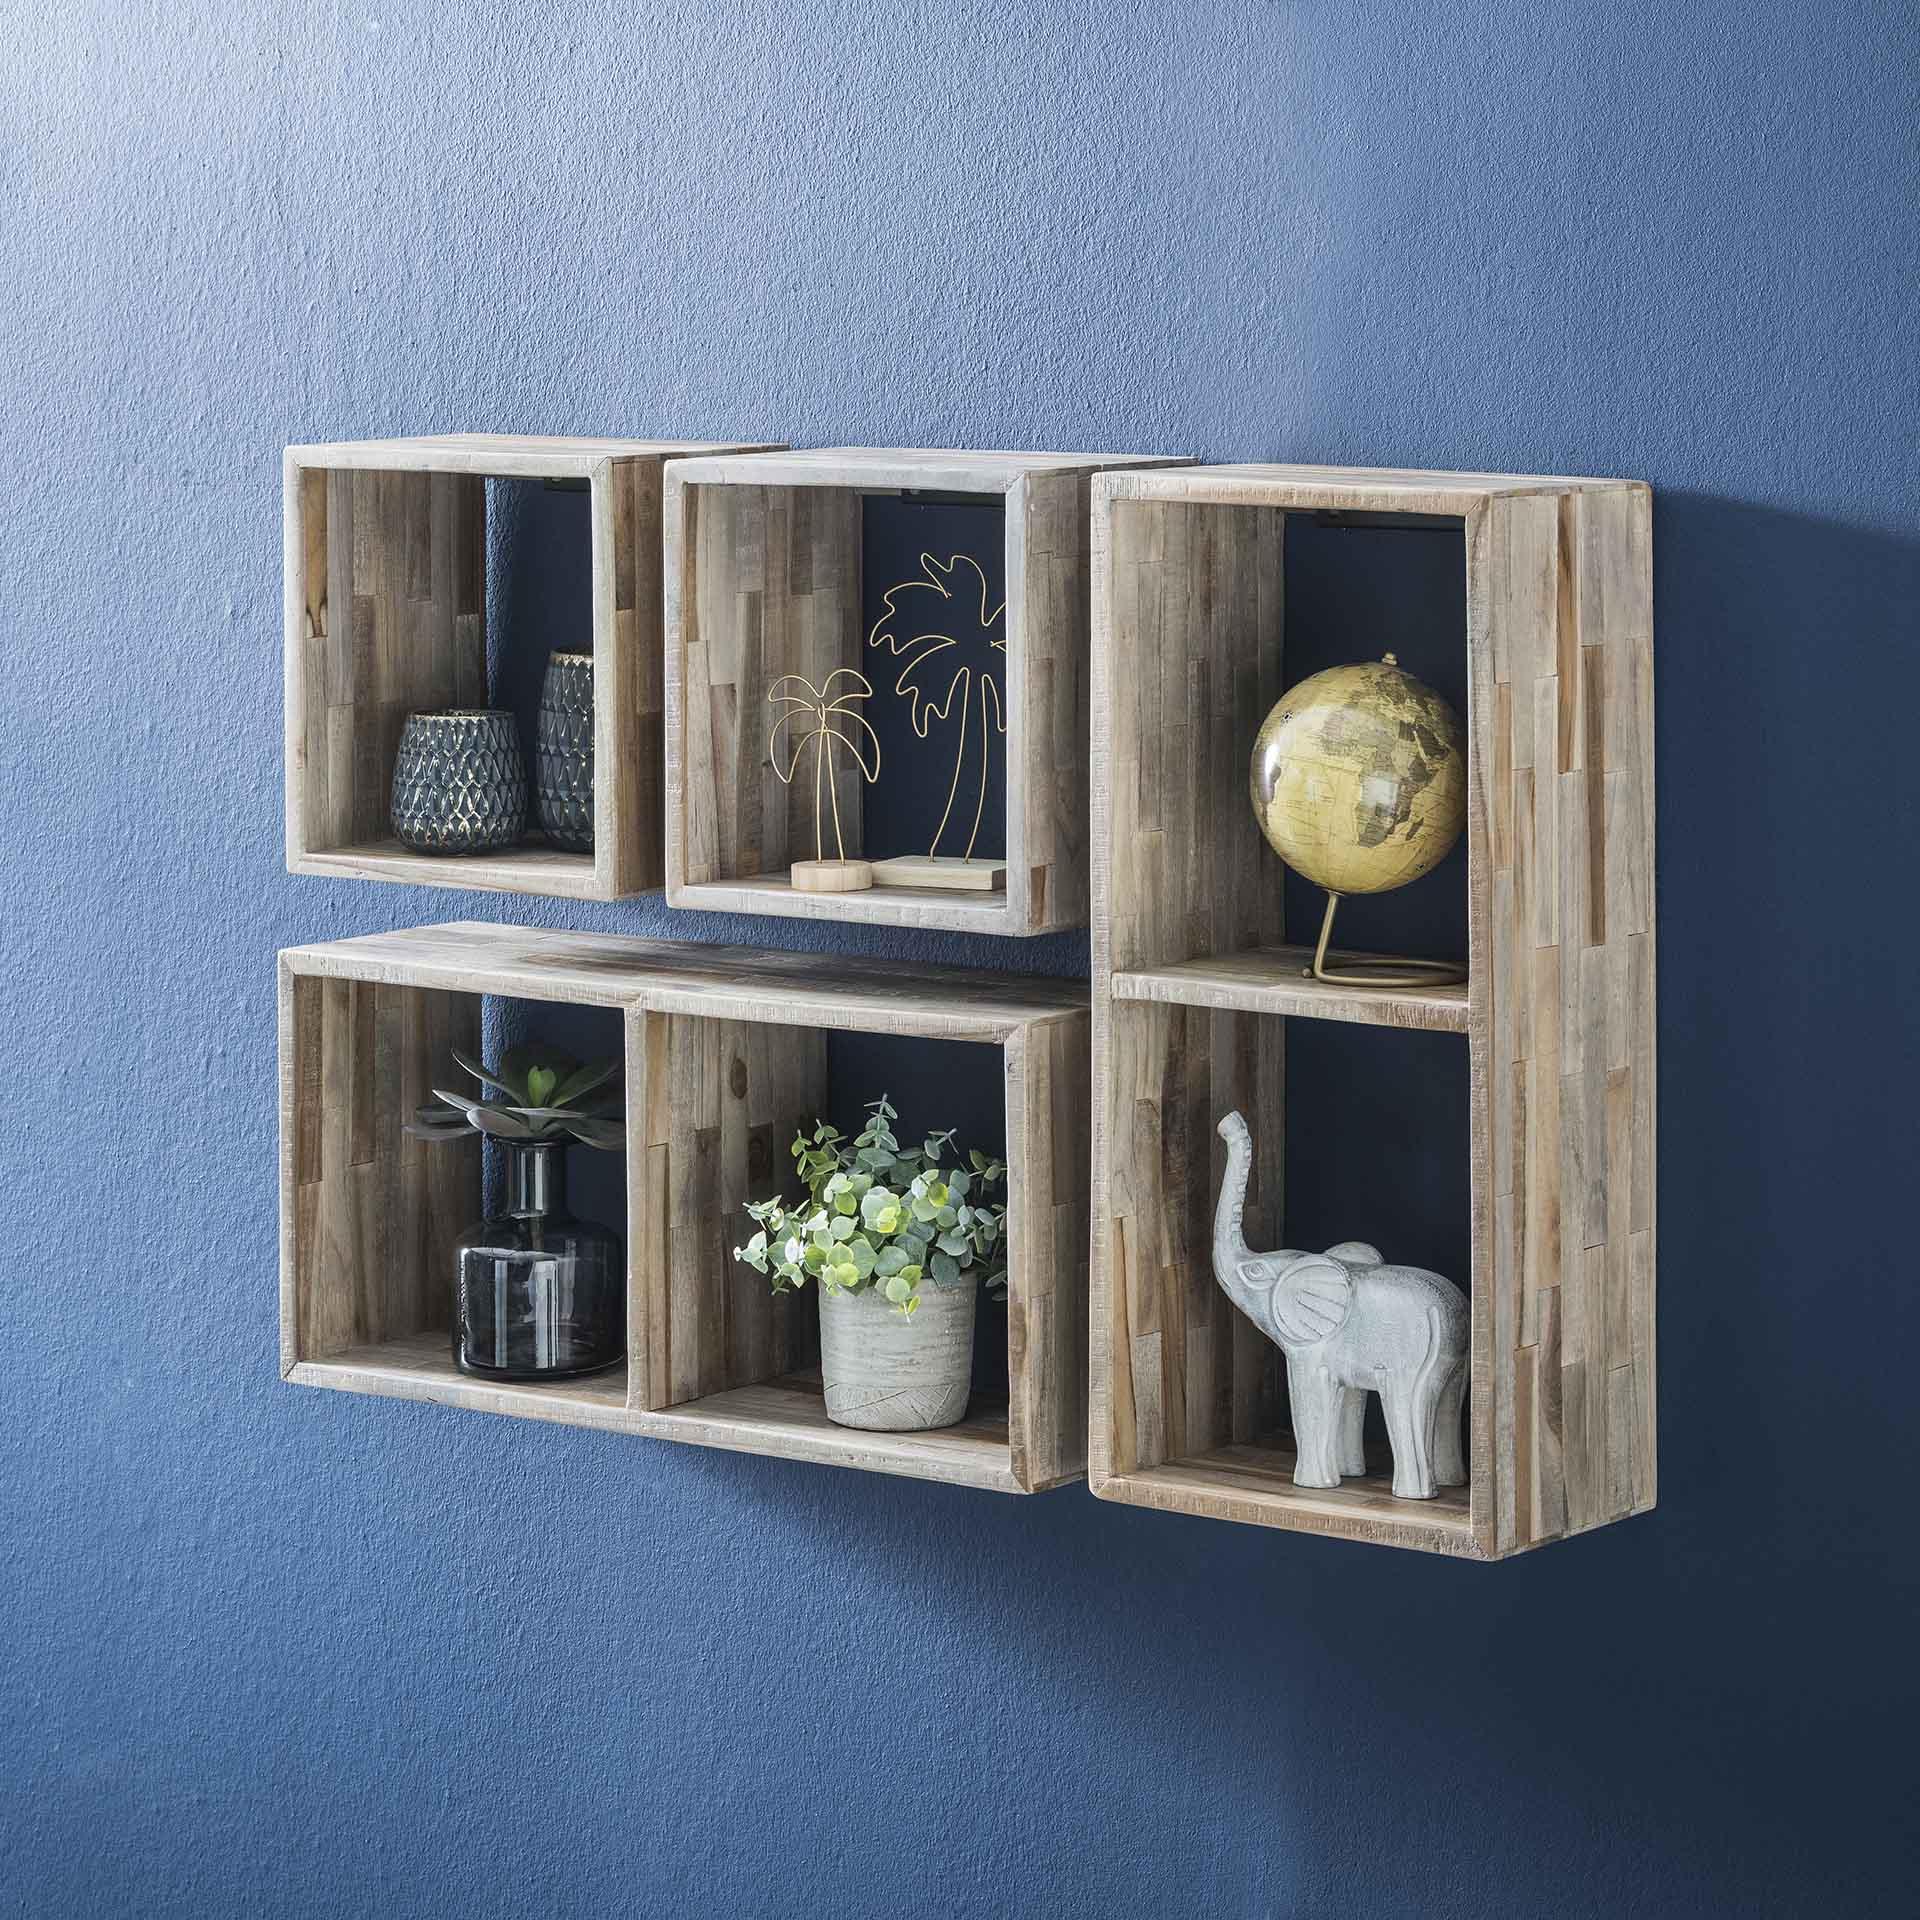 etagere cube bois de teck recycle finition vieillie 65 cm java etageres murales pier import